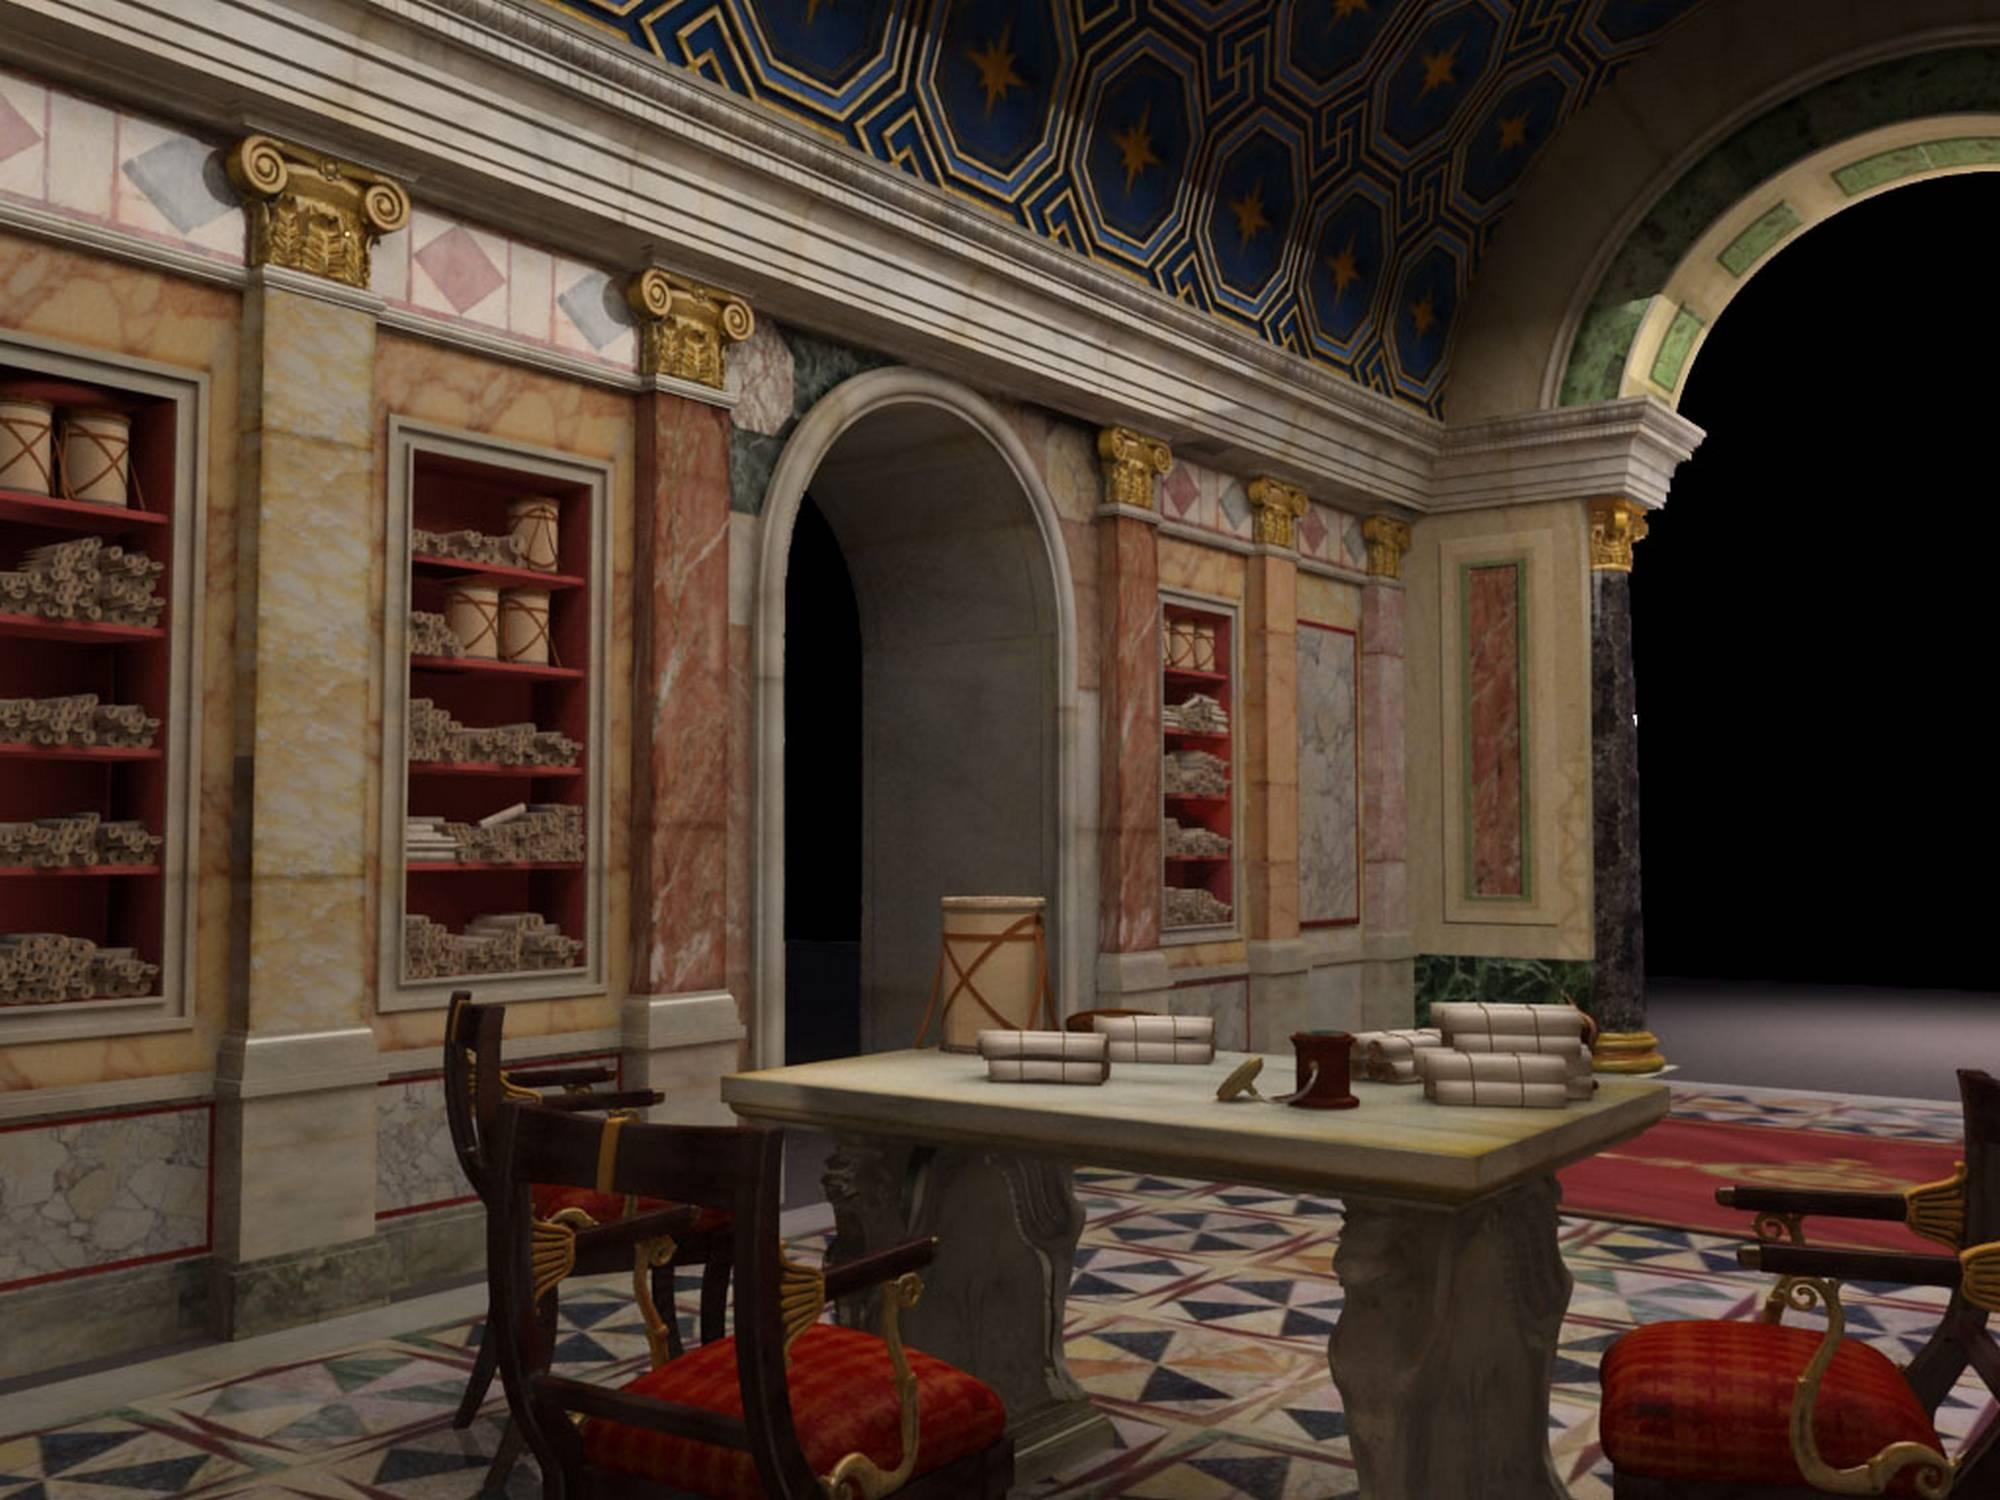 DOMUS ROMANE DI PALAZZO VALENTINI CAPWARE